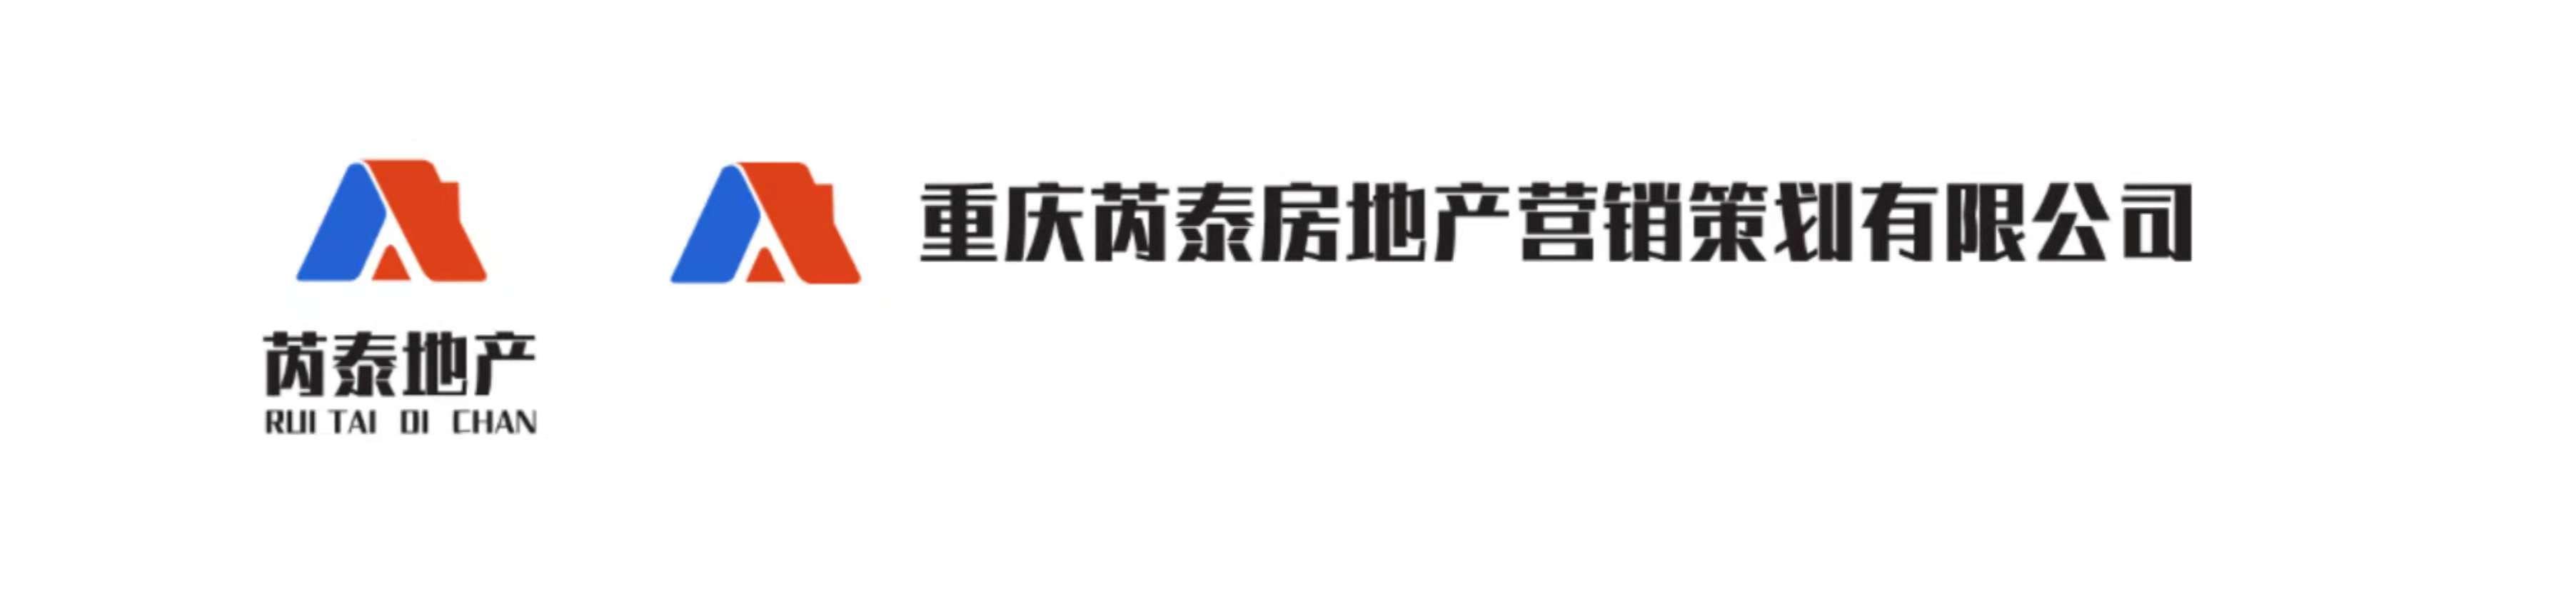 重庆芮泰房地产营销策划有限公司_联英人才网_hrm.cn